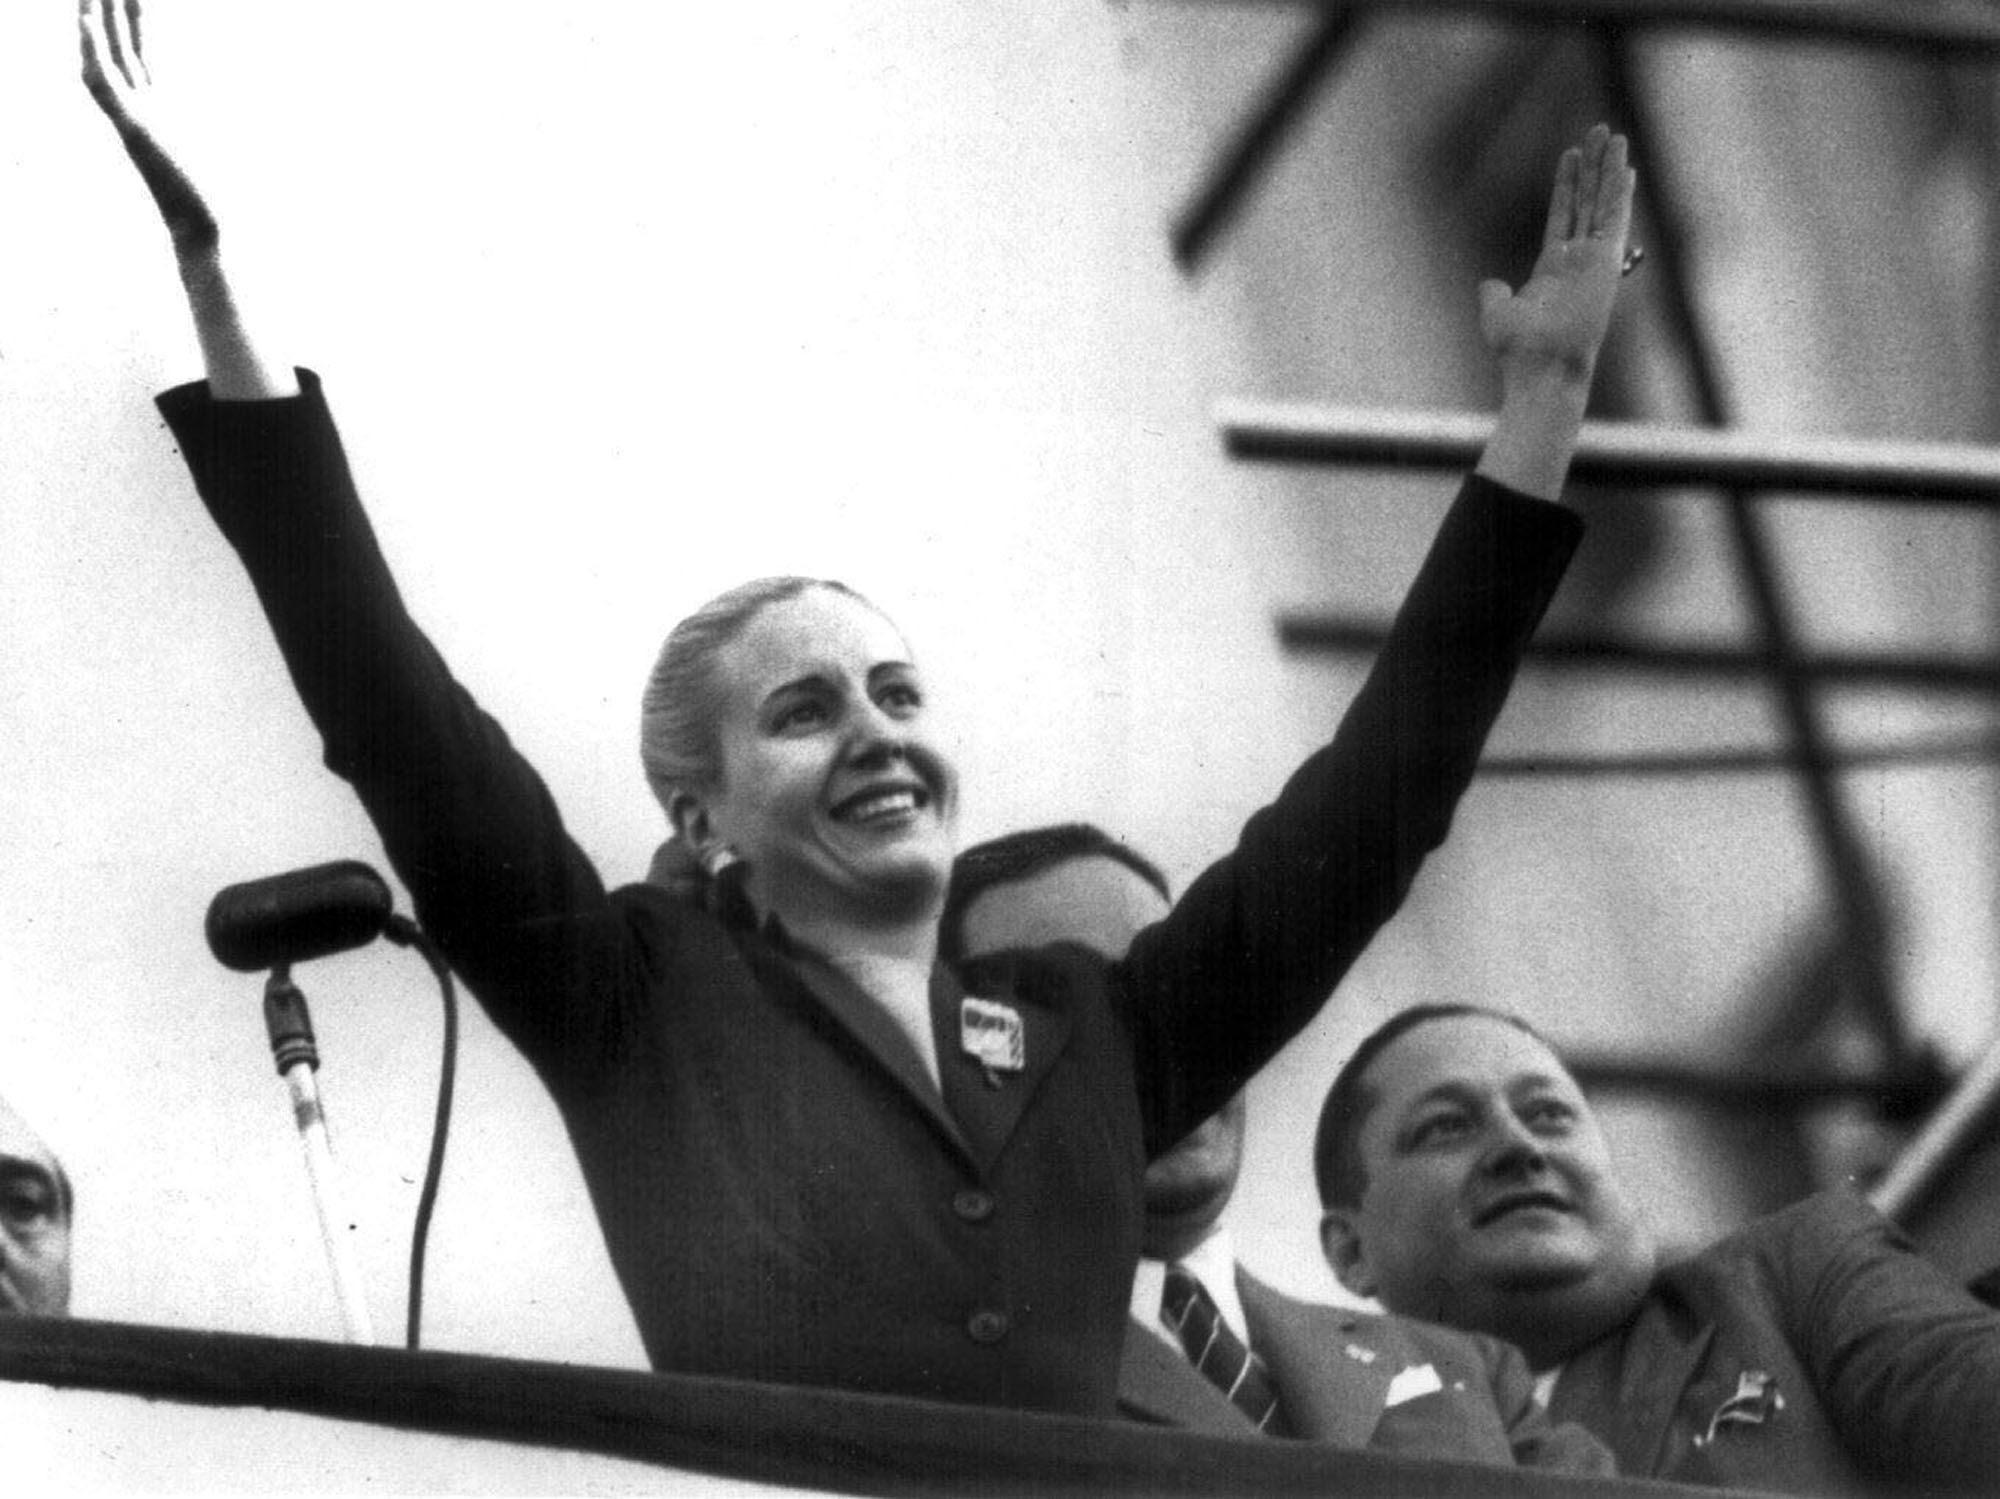 La diputada Mayoral realizó un homenaje al cumplirse el 101° aniversario del natalicio de Evita